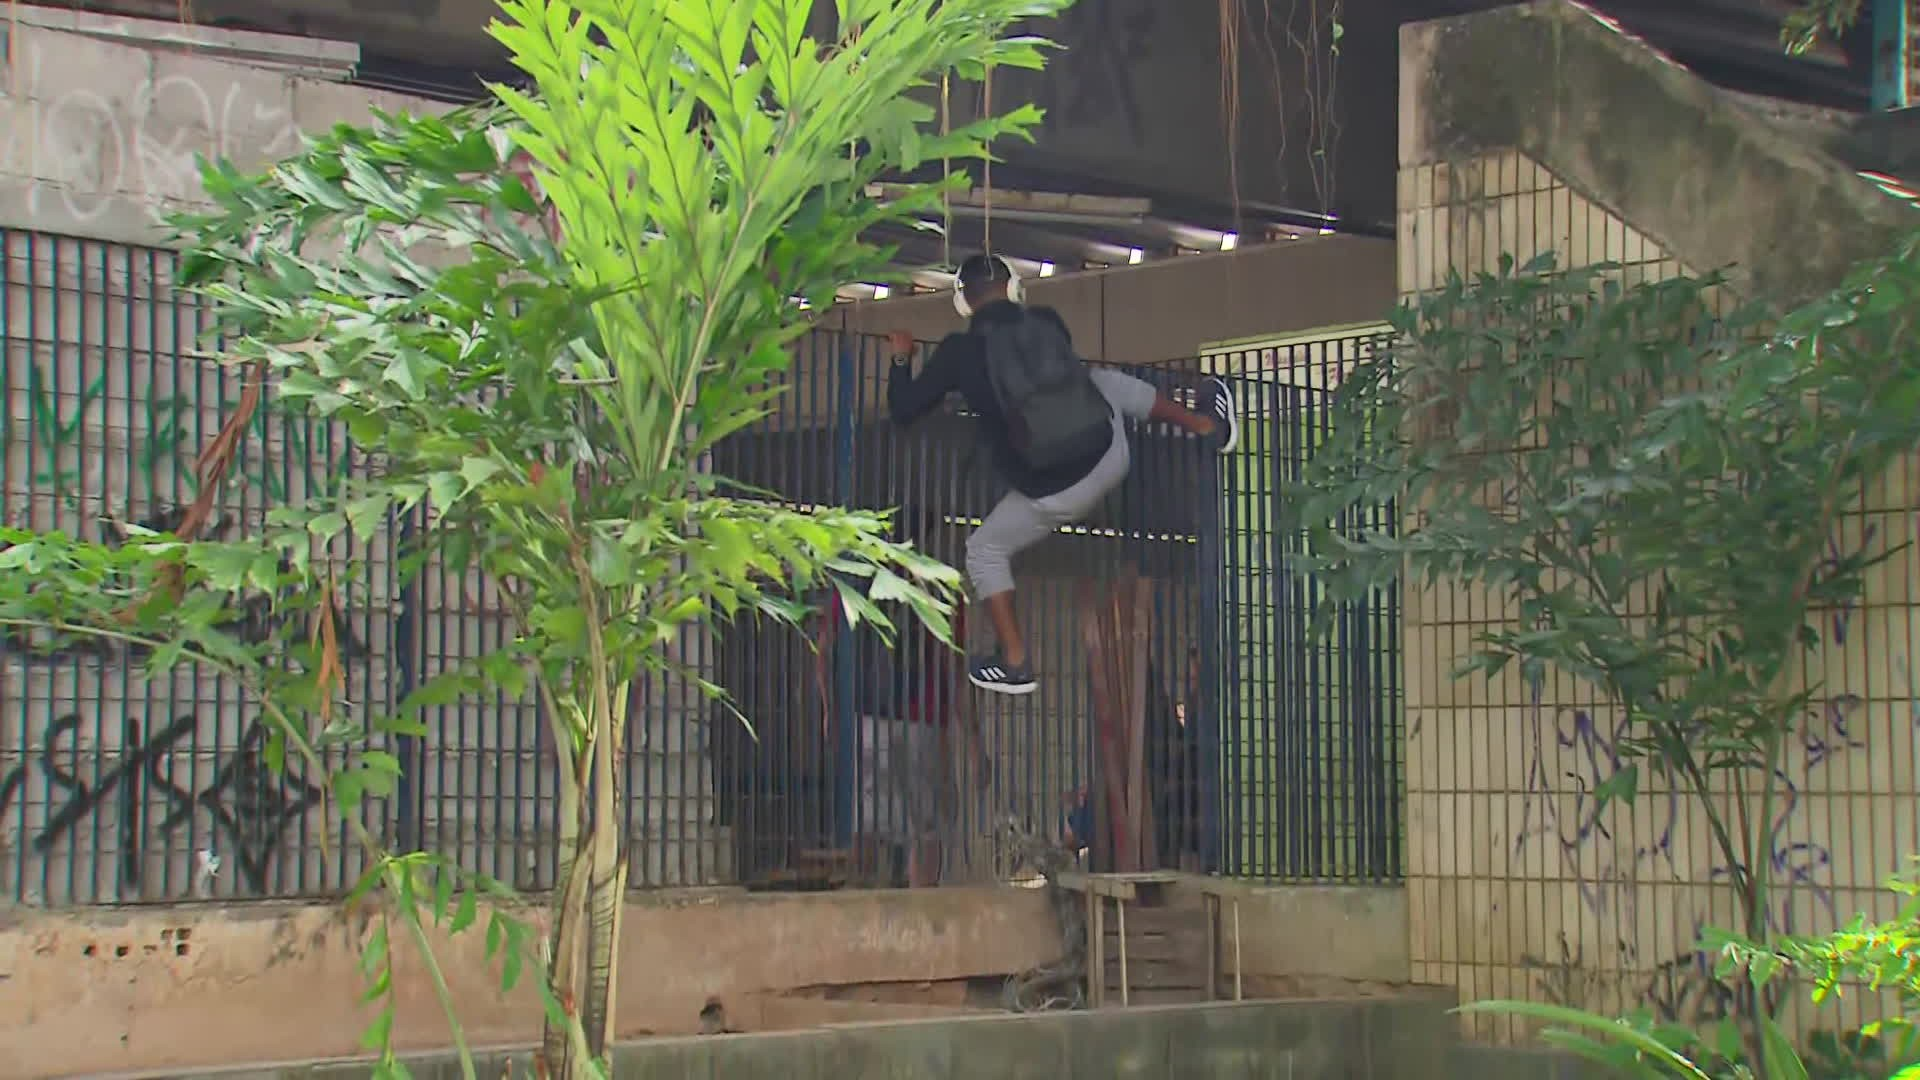 Homens são flagrados pulando grade de estação do metrô em Jaboatão para não pagar passagem; veja vídeo